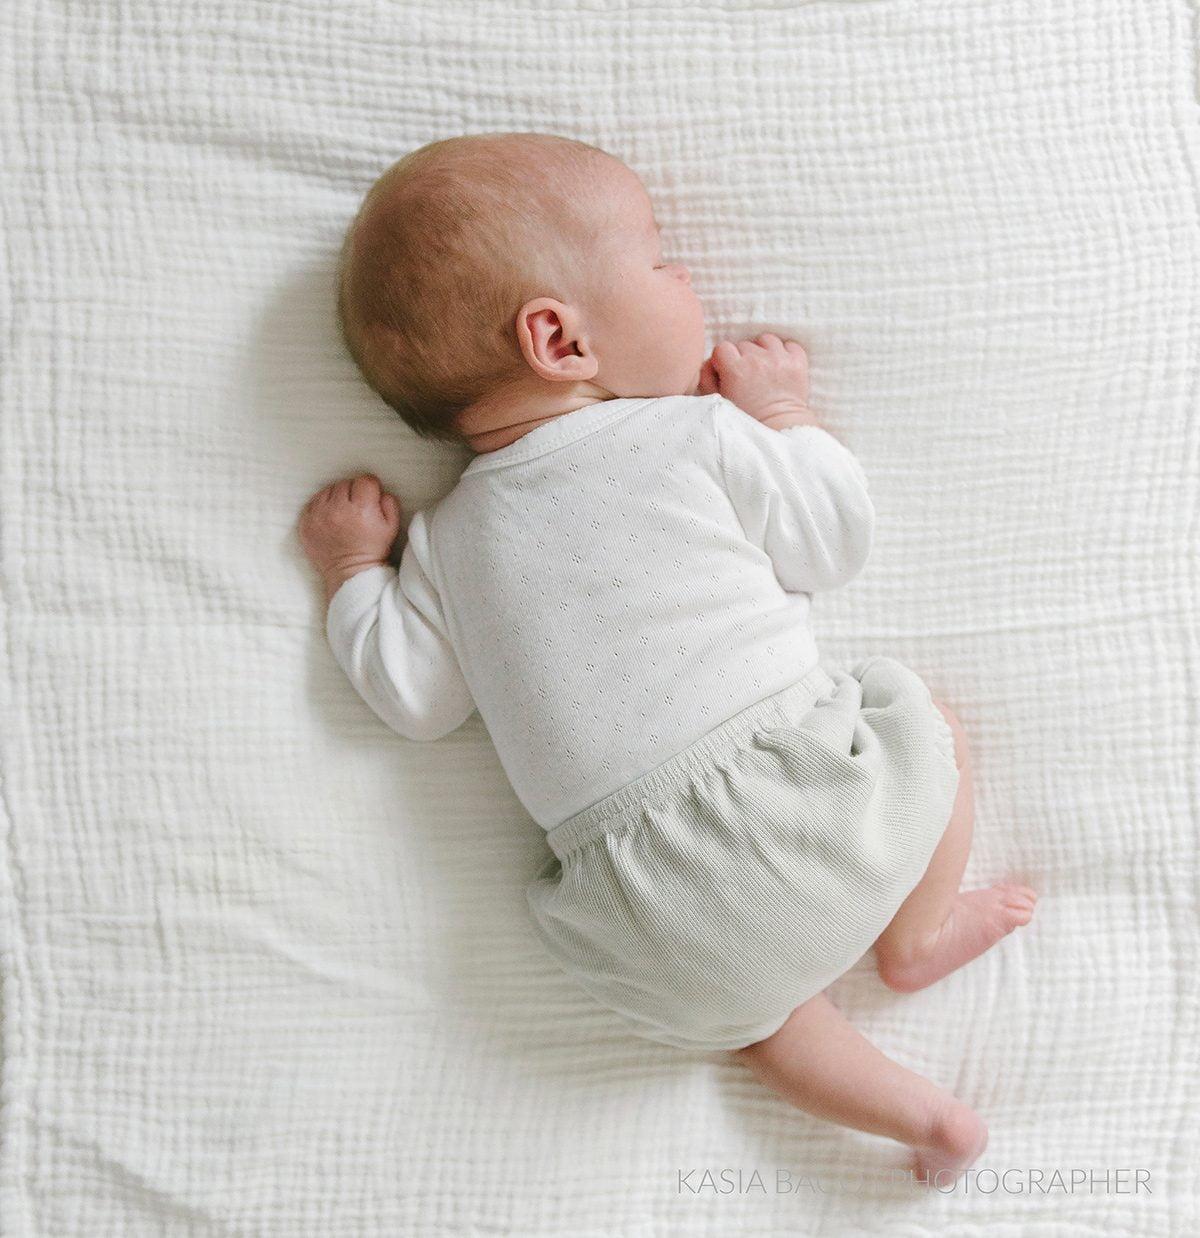 Newborn family Julian Kasia Bacq 001